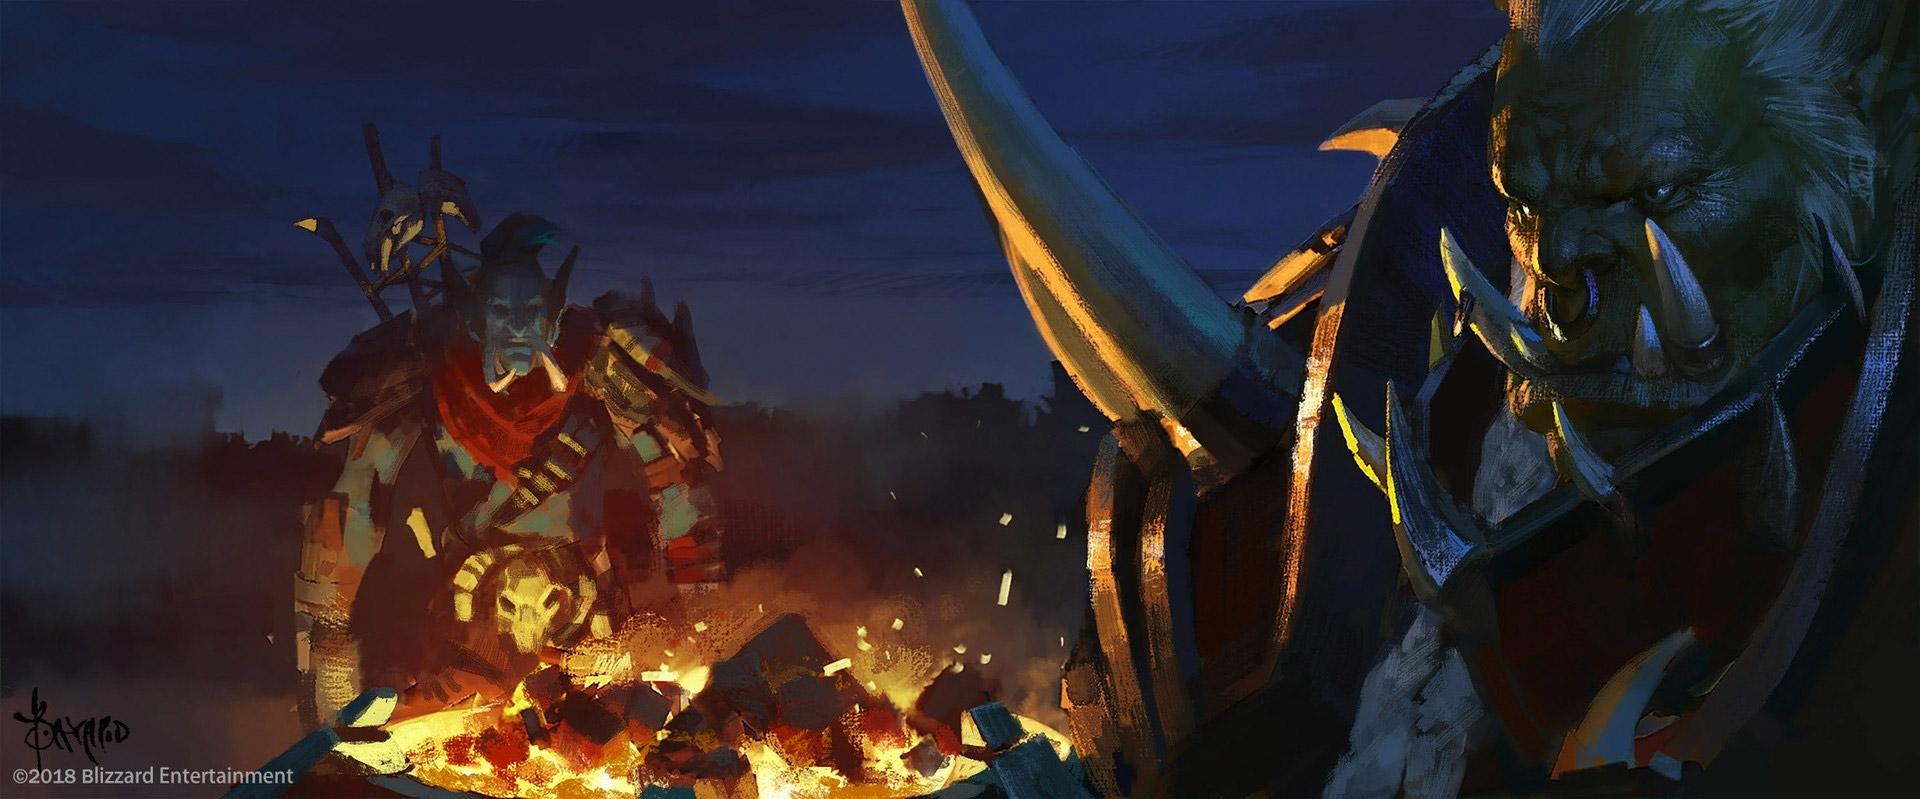 Saurcroc rencontre Zekhan sur les remparts de Lordaeron